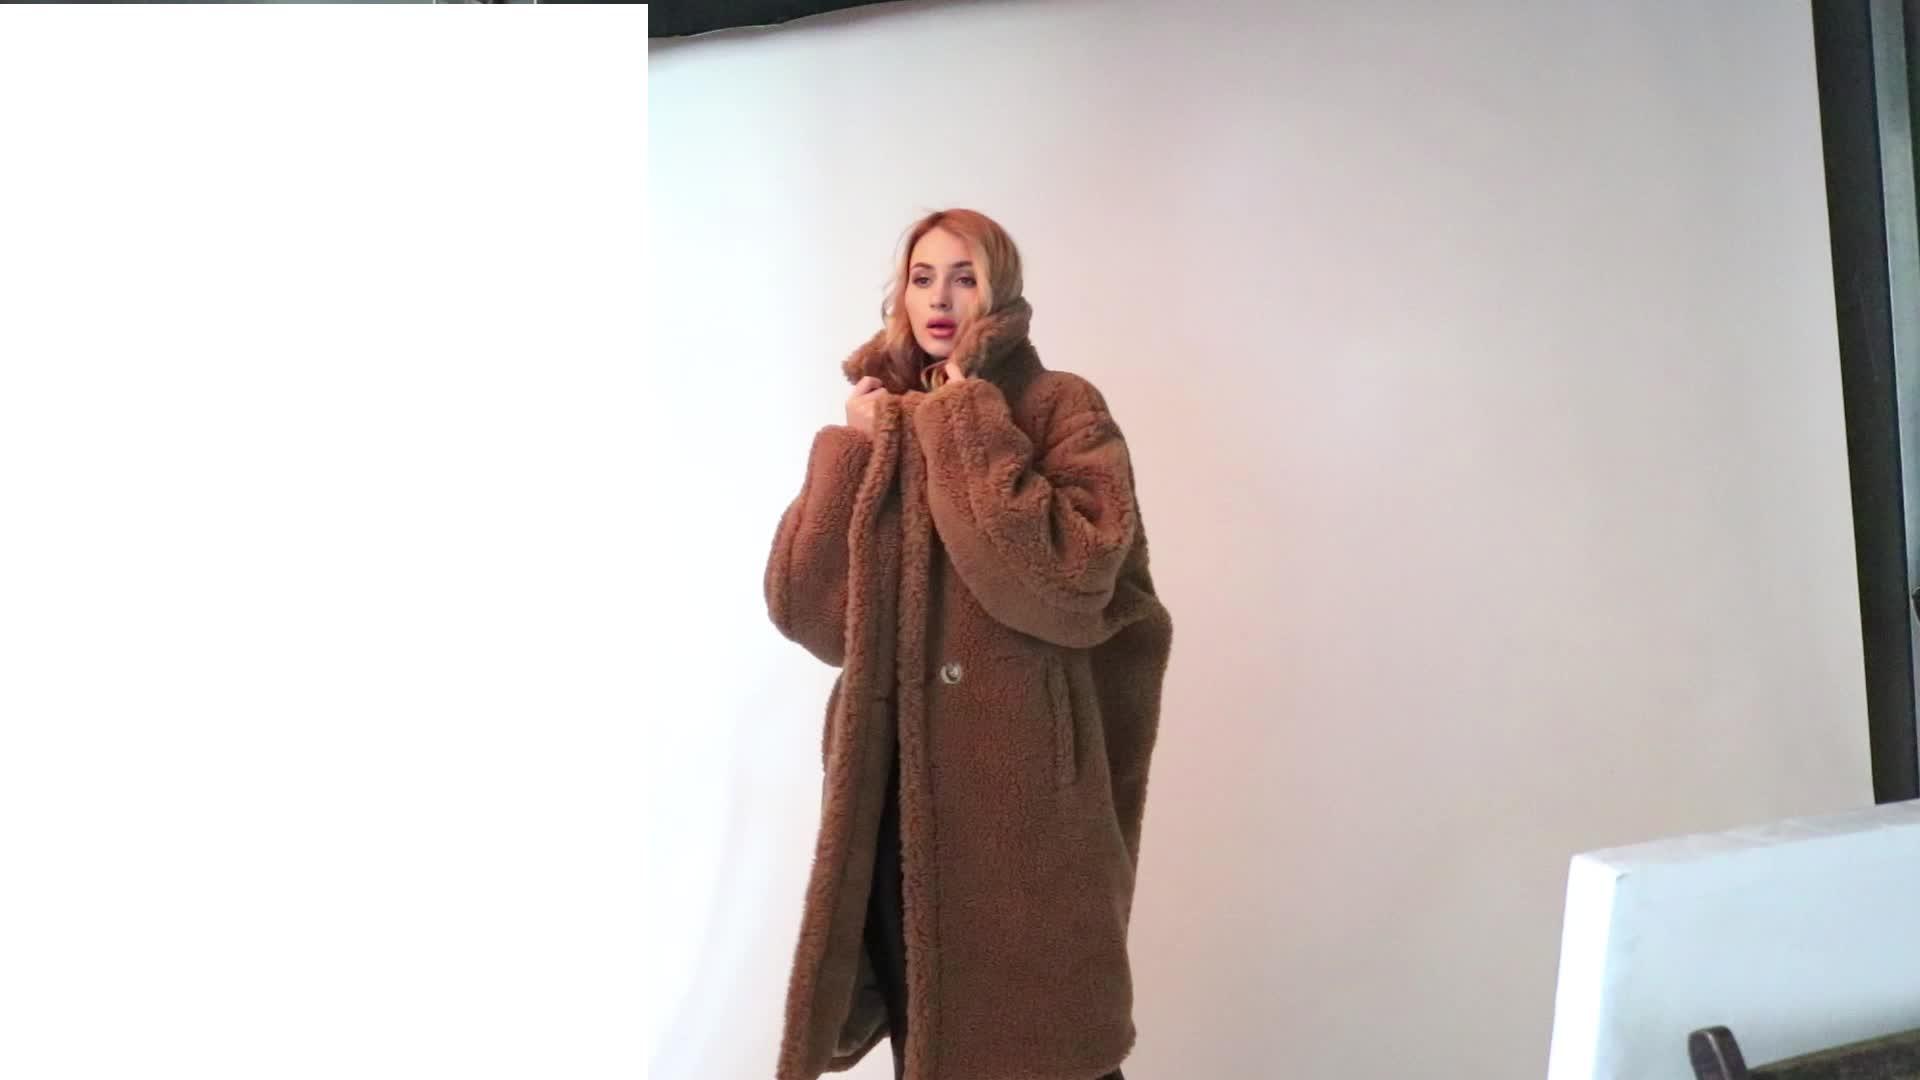 Fashion long fur coat teddy bear coat sheep shearing fur coat